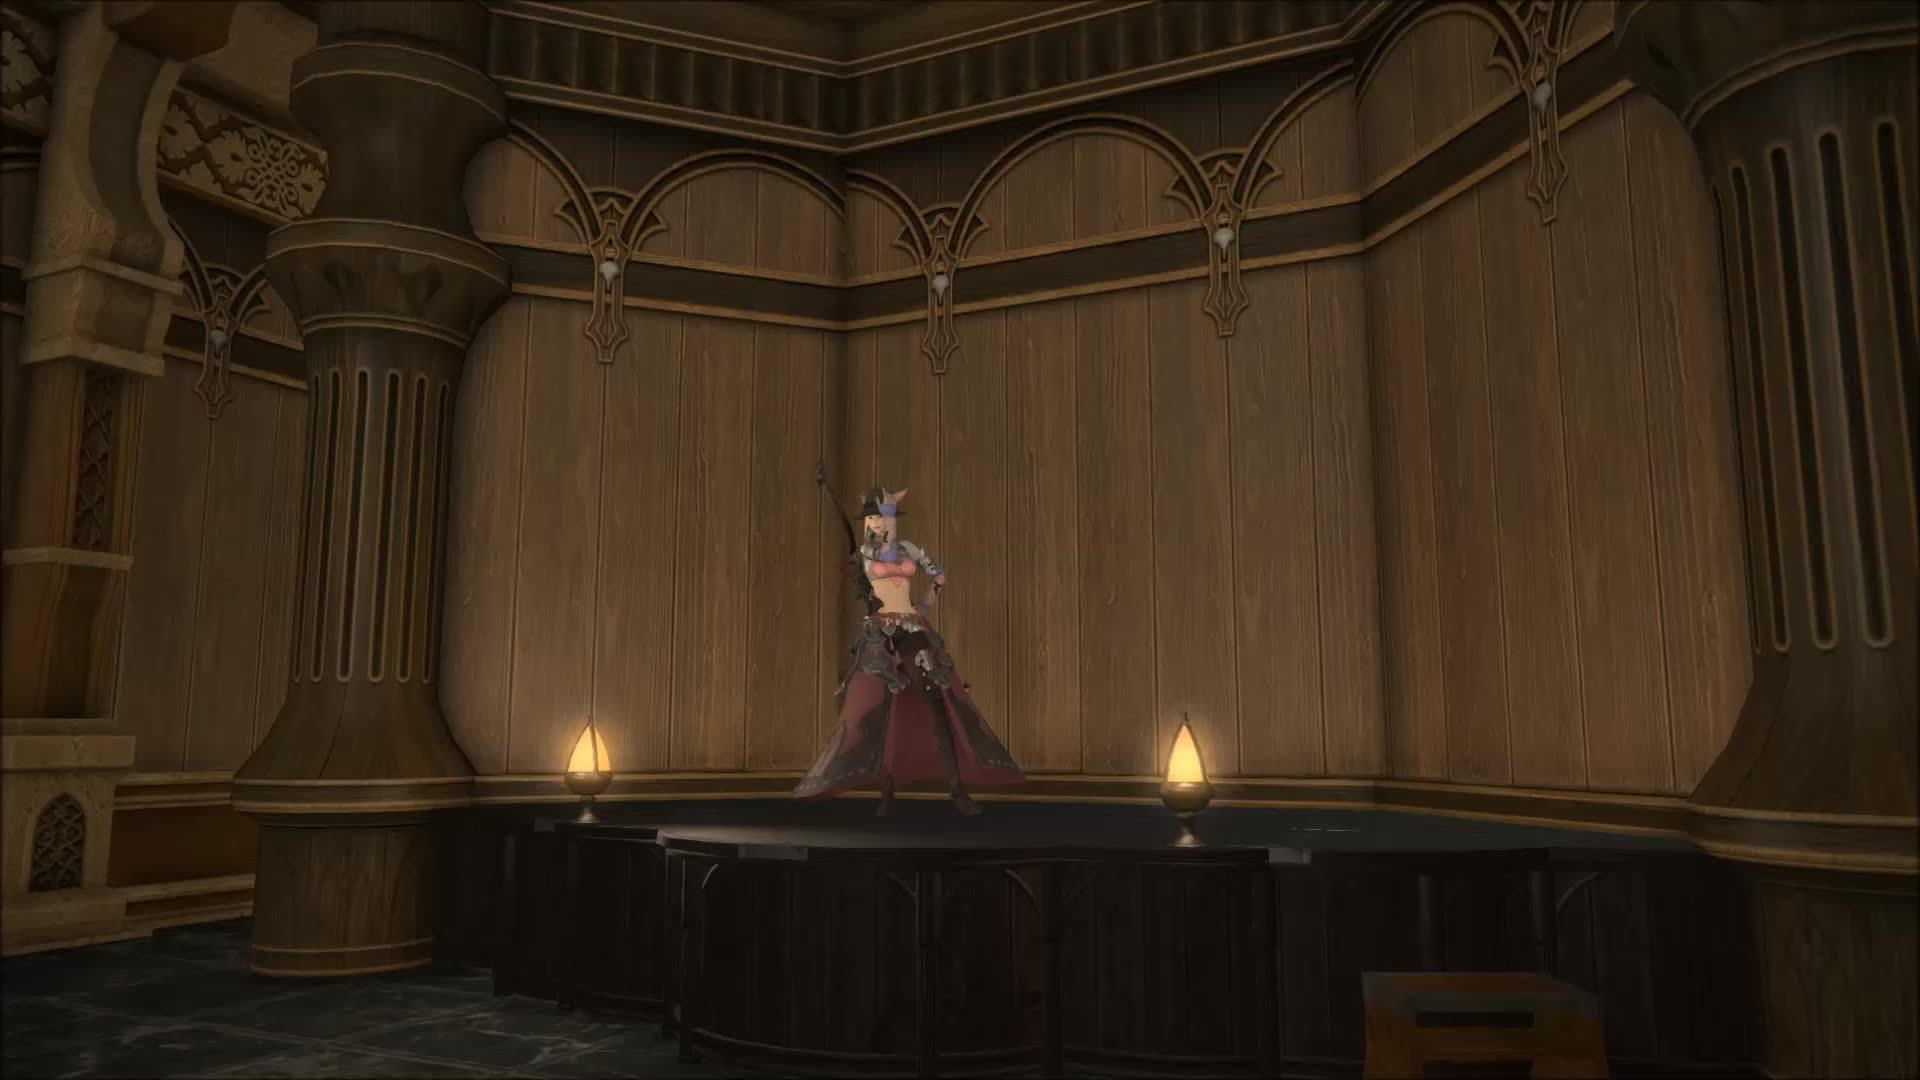 ffxiv, FFXIV Thavnairian Dance GIFs